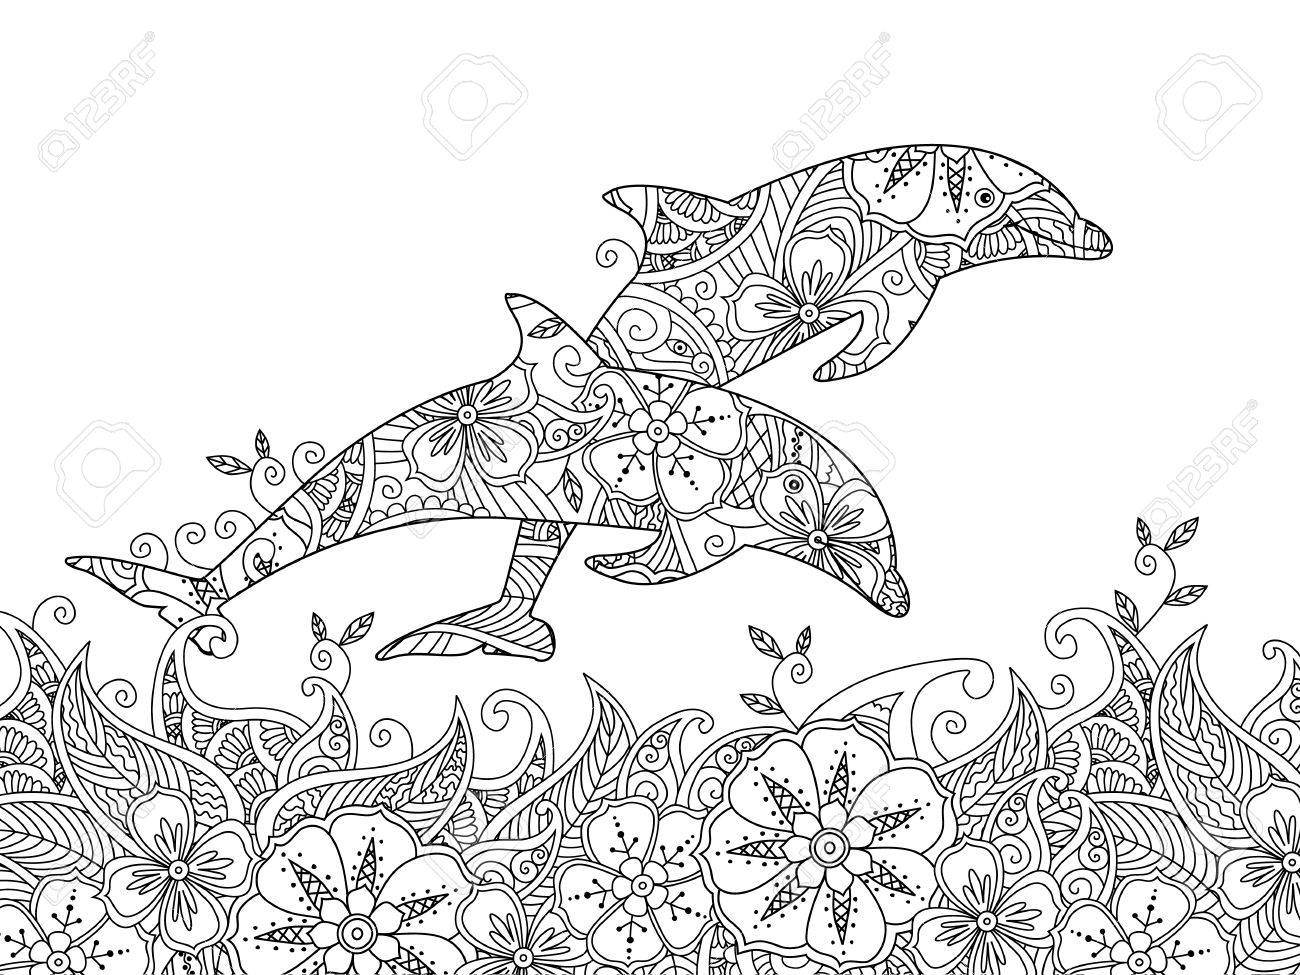 Dibujo Para Colorear Con Par De Delfines Saltando En El Mar ...